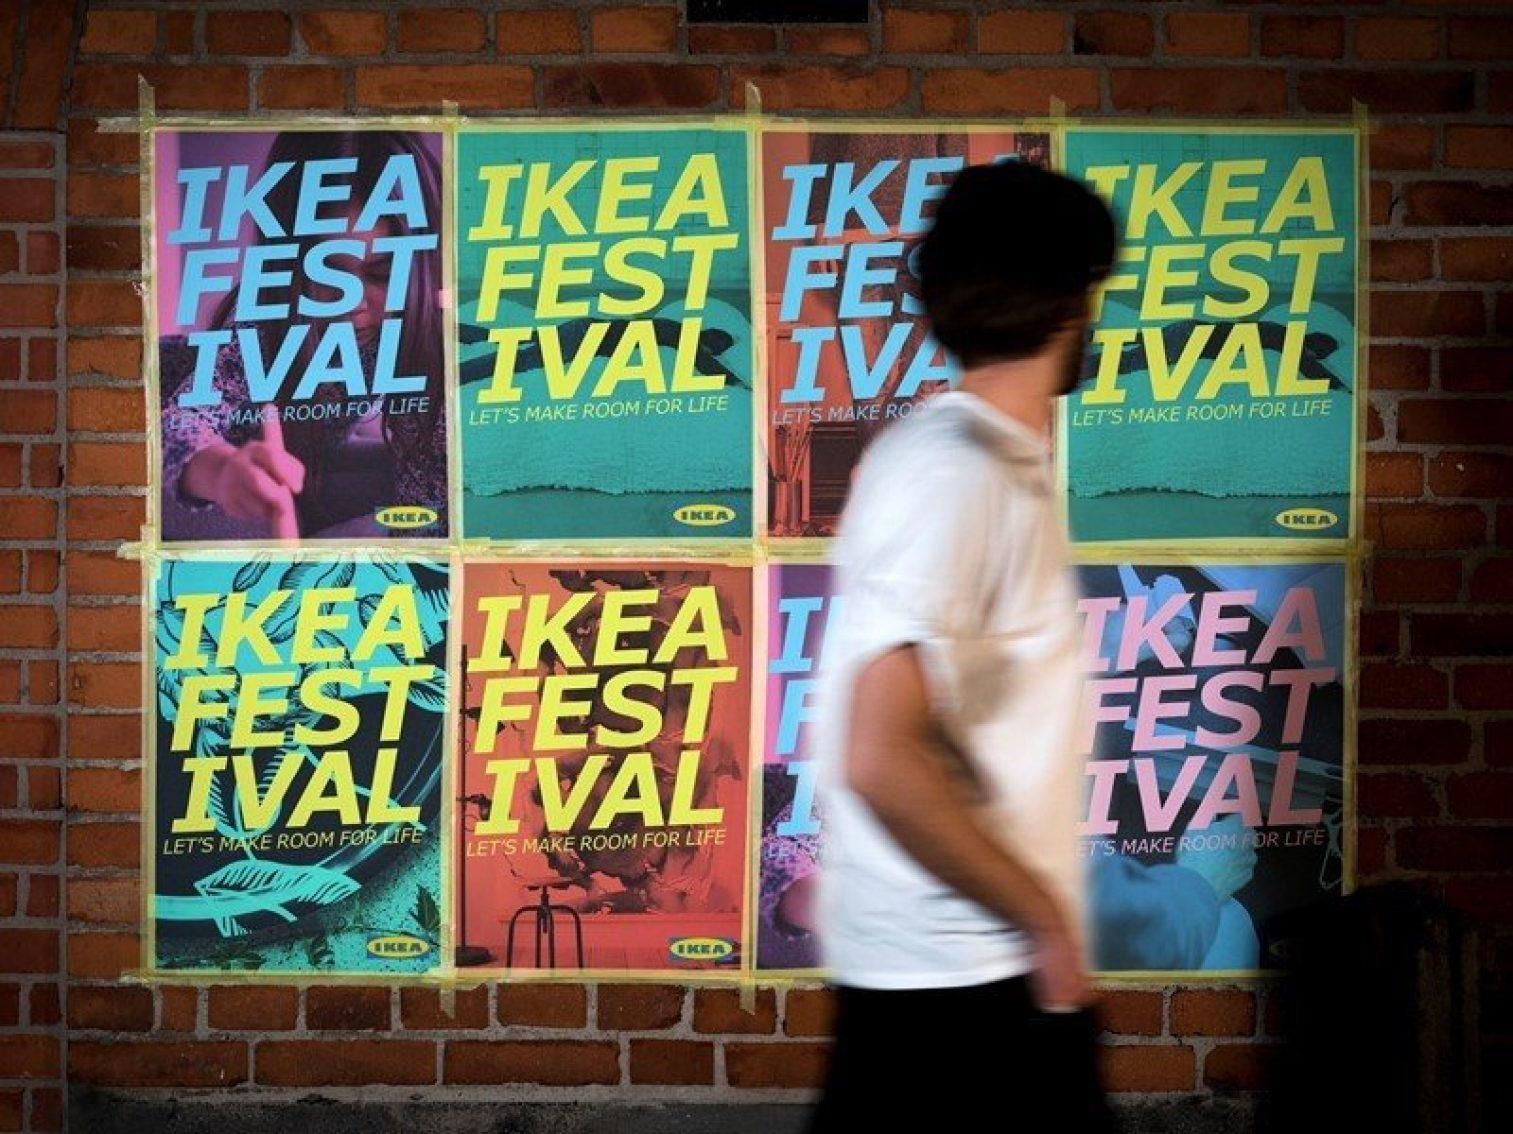 Ikea Festival 1